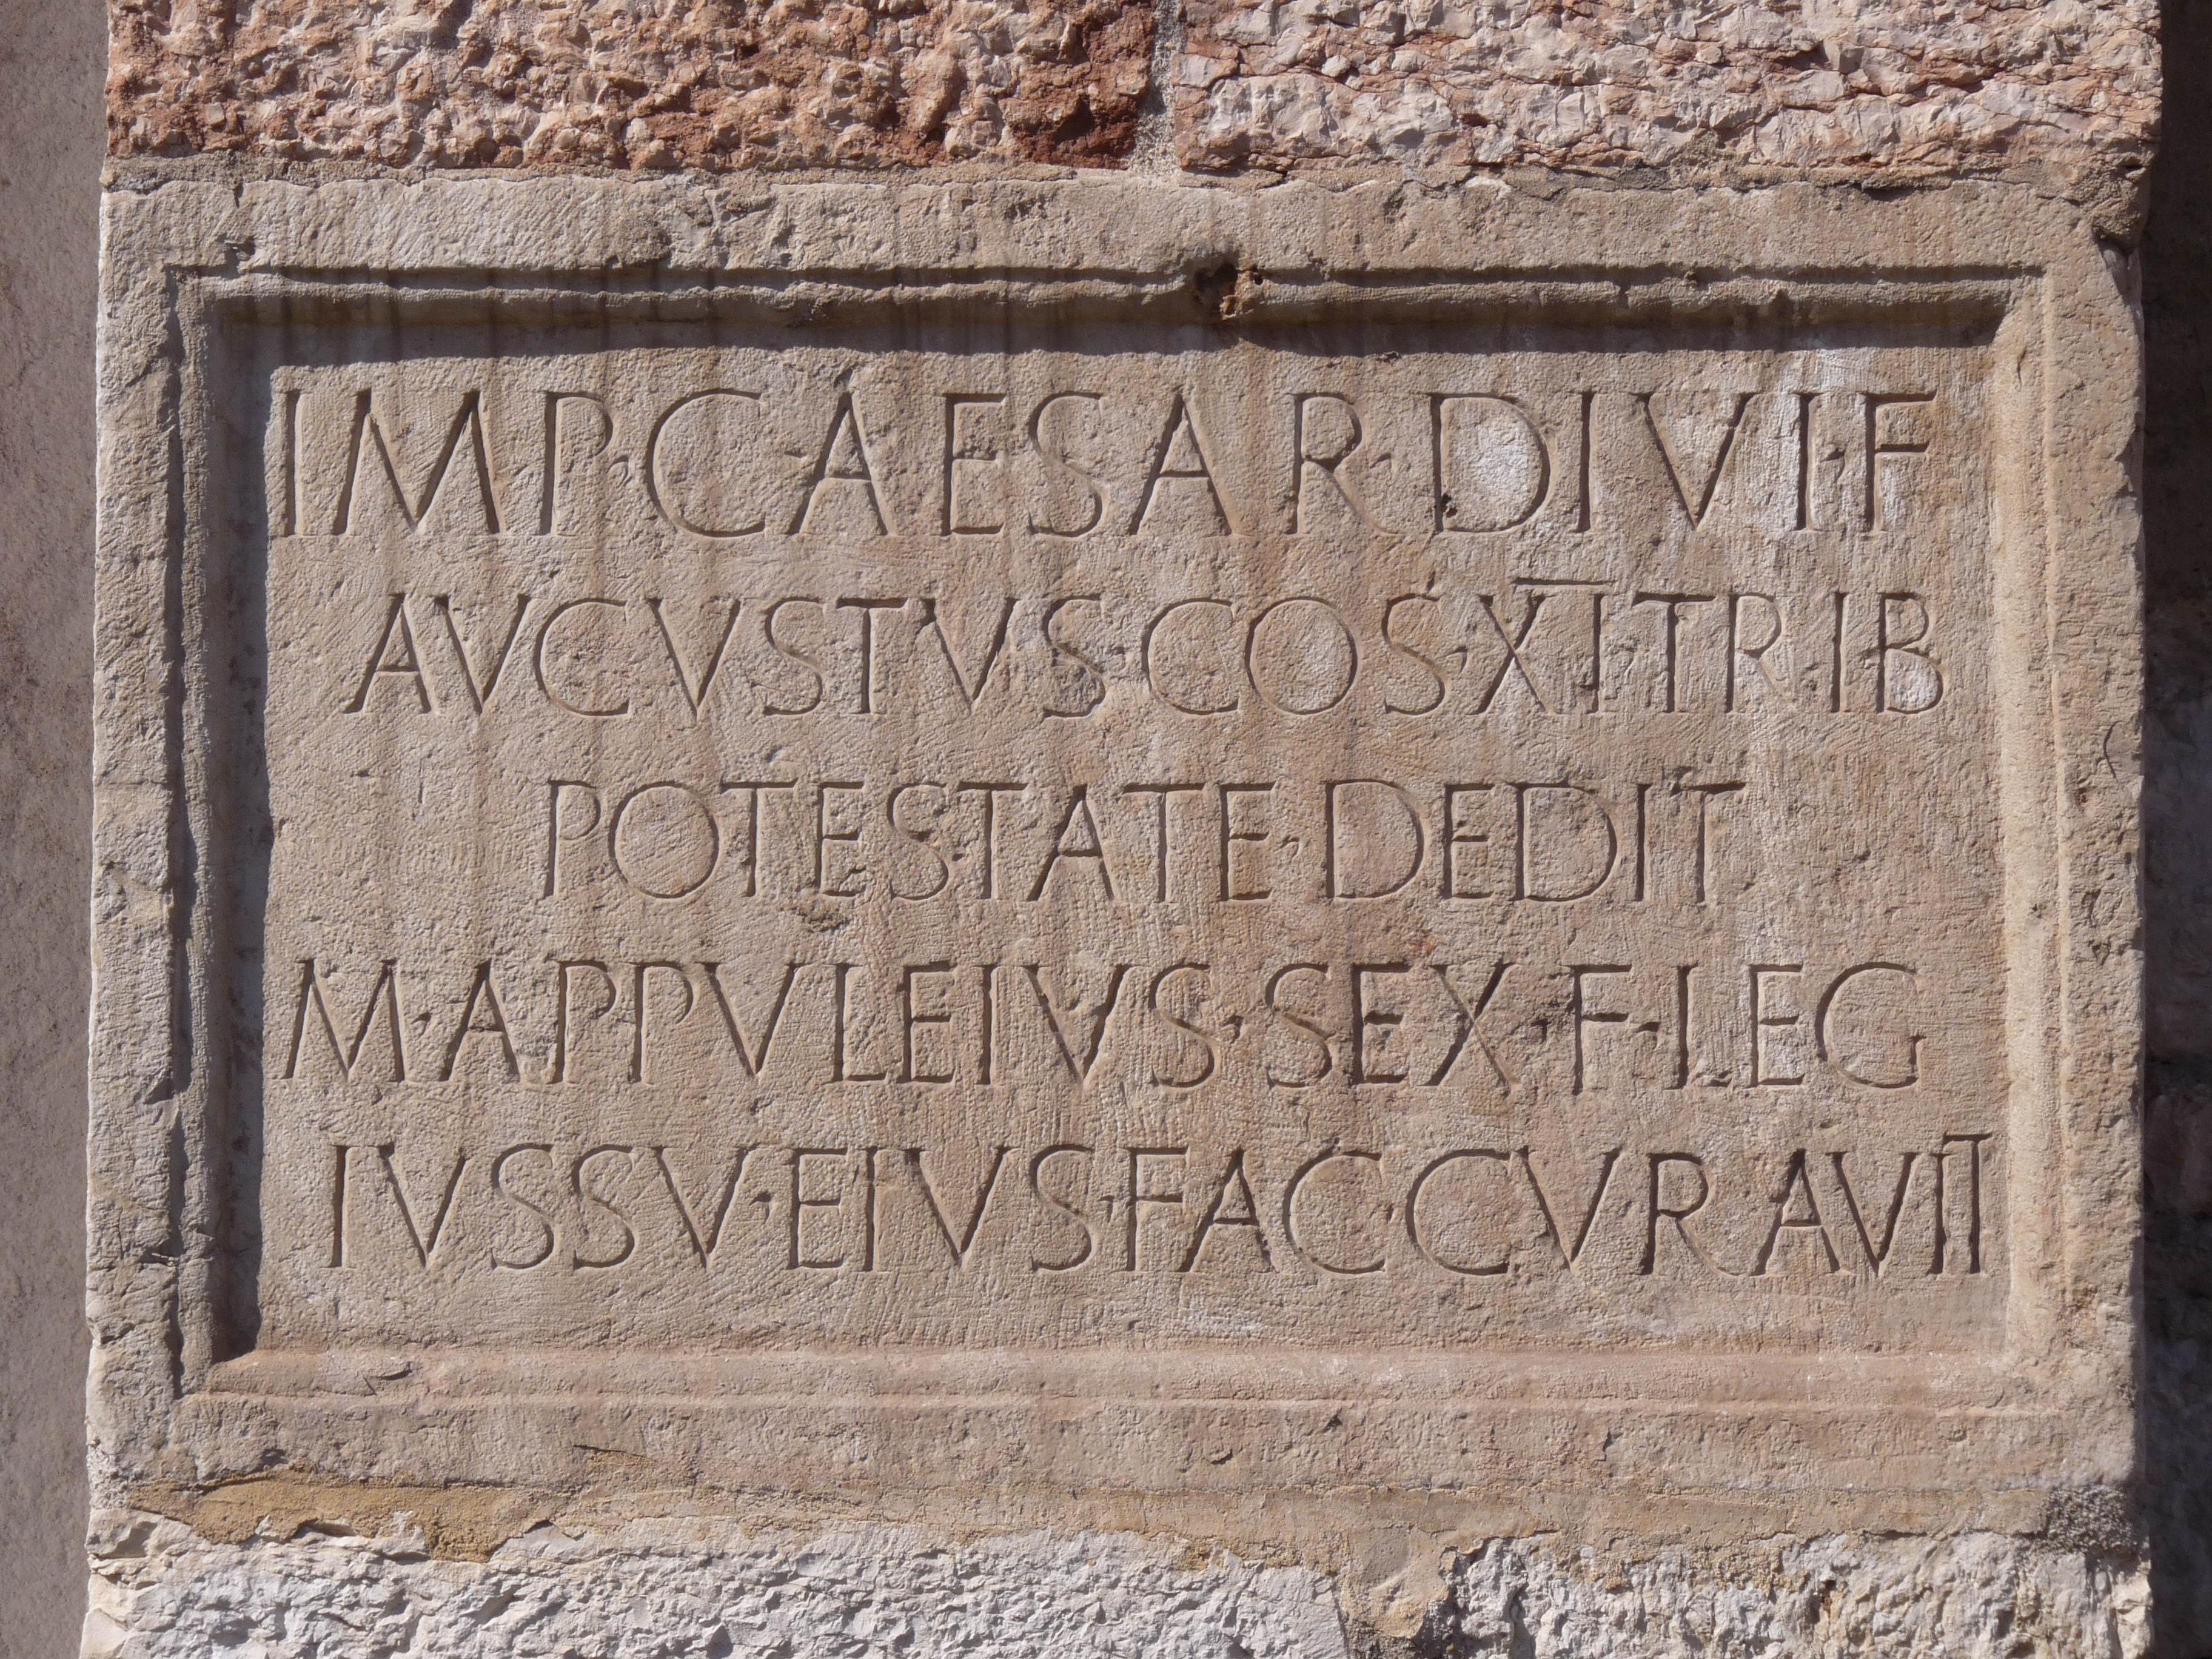 Dalle origini all et romana[modifica